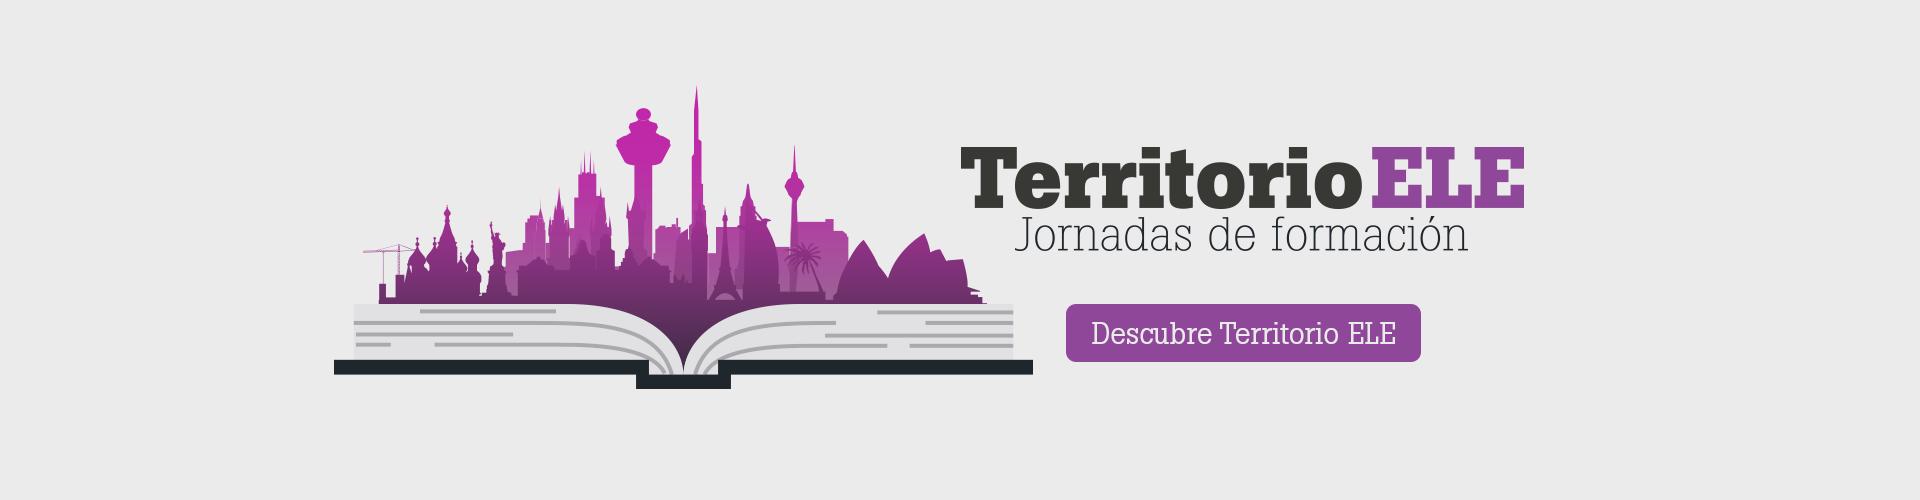 Territorio ELE | Jornadas de formación para profesores de ELE